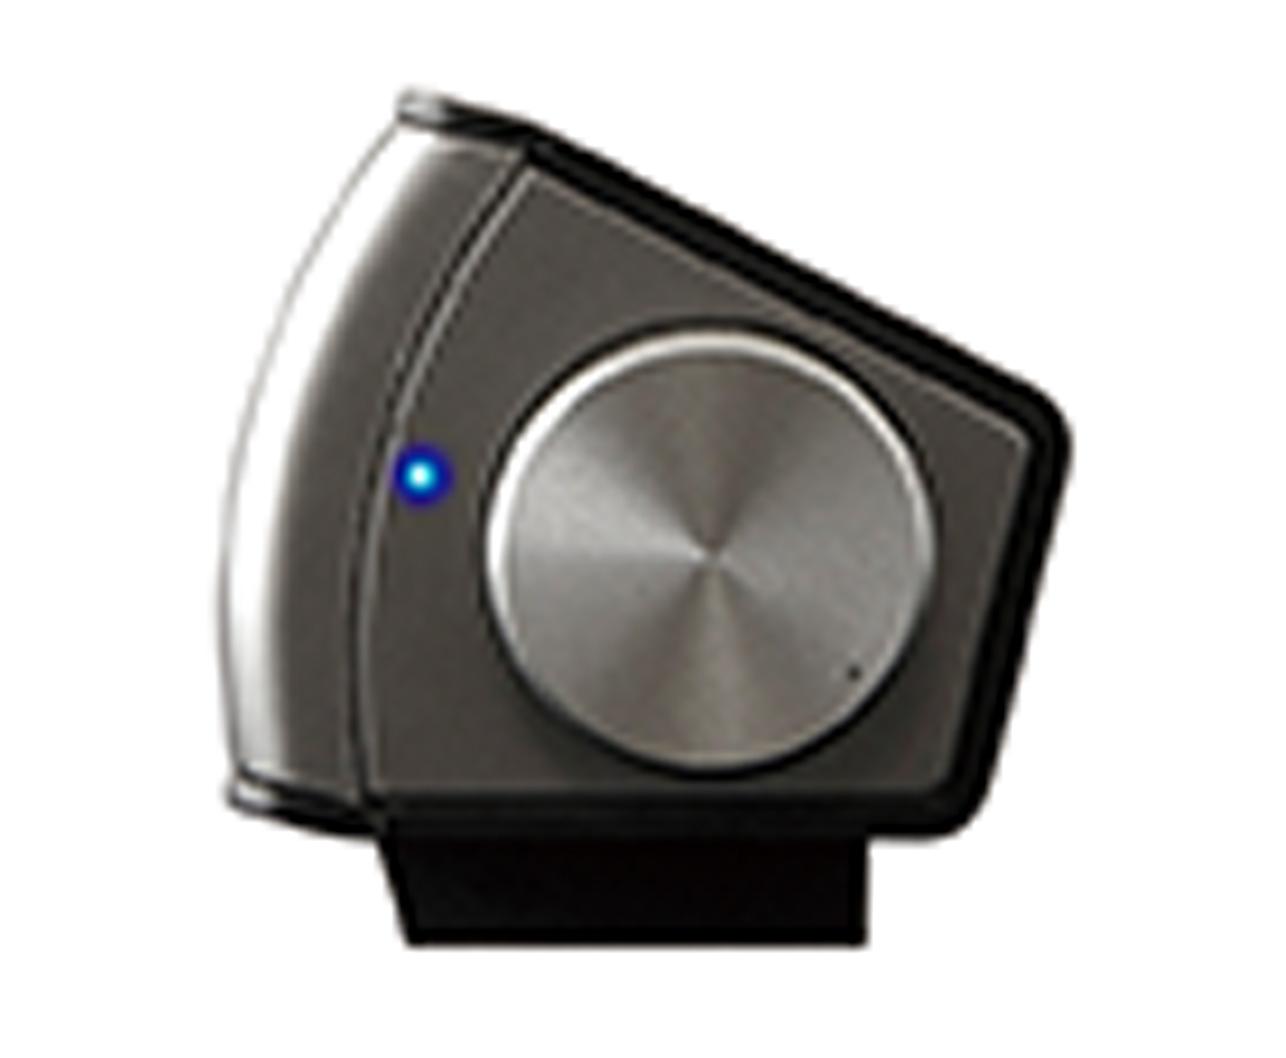 2.0ch TV SOUNDBAR SPEAKER